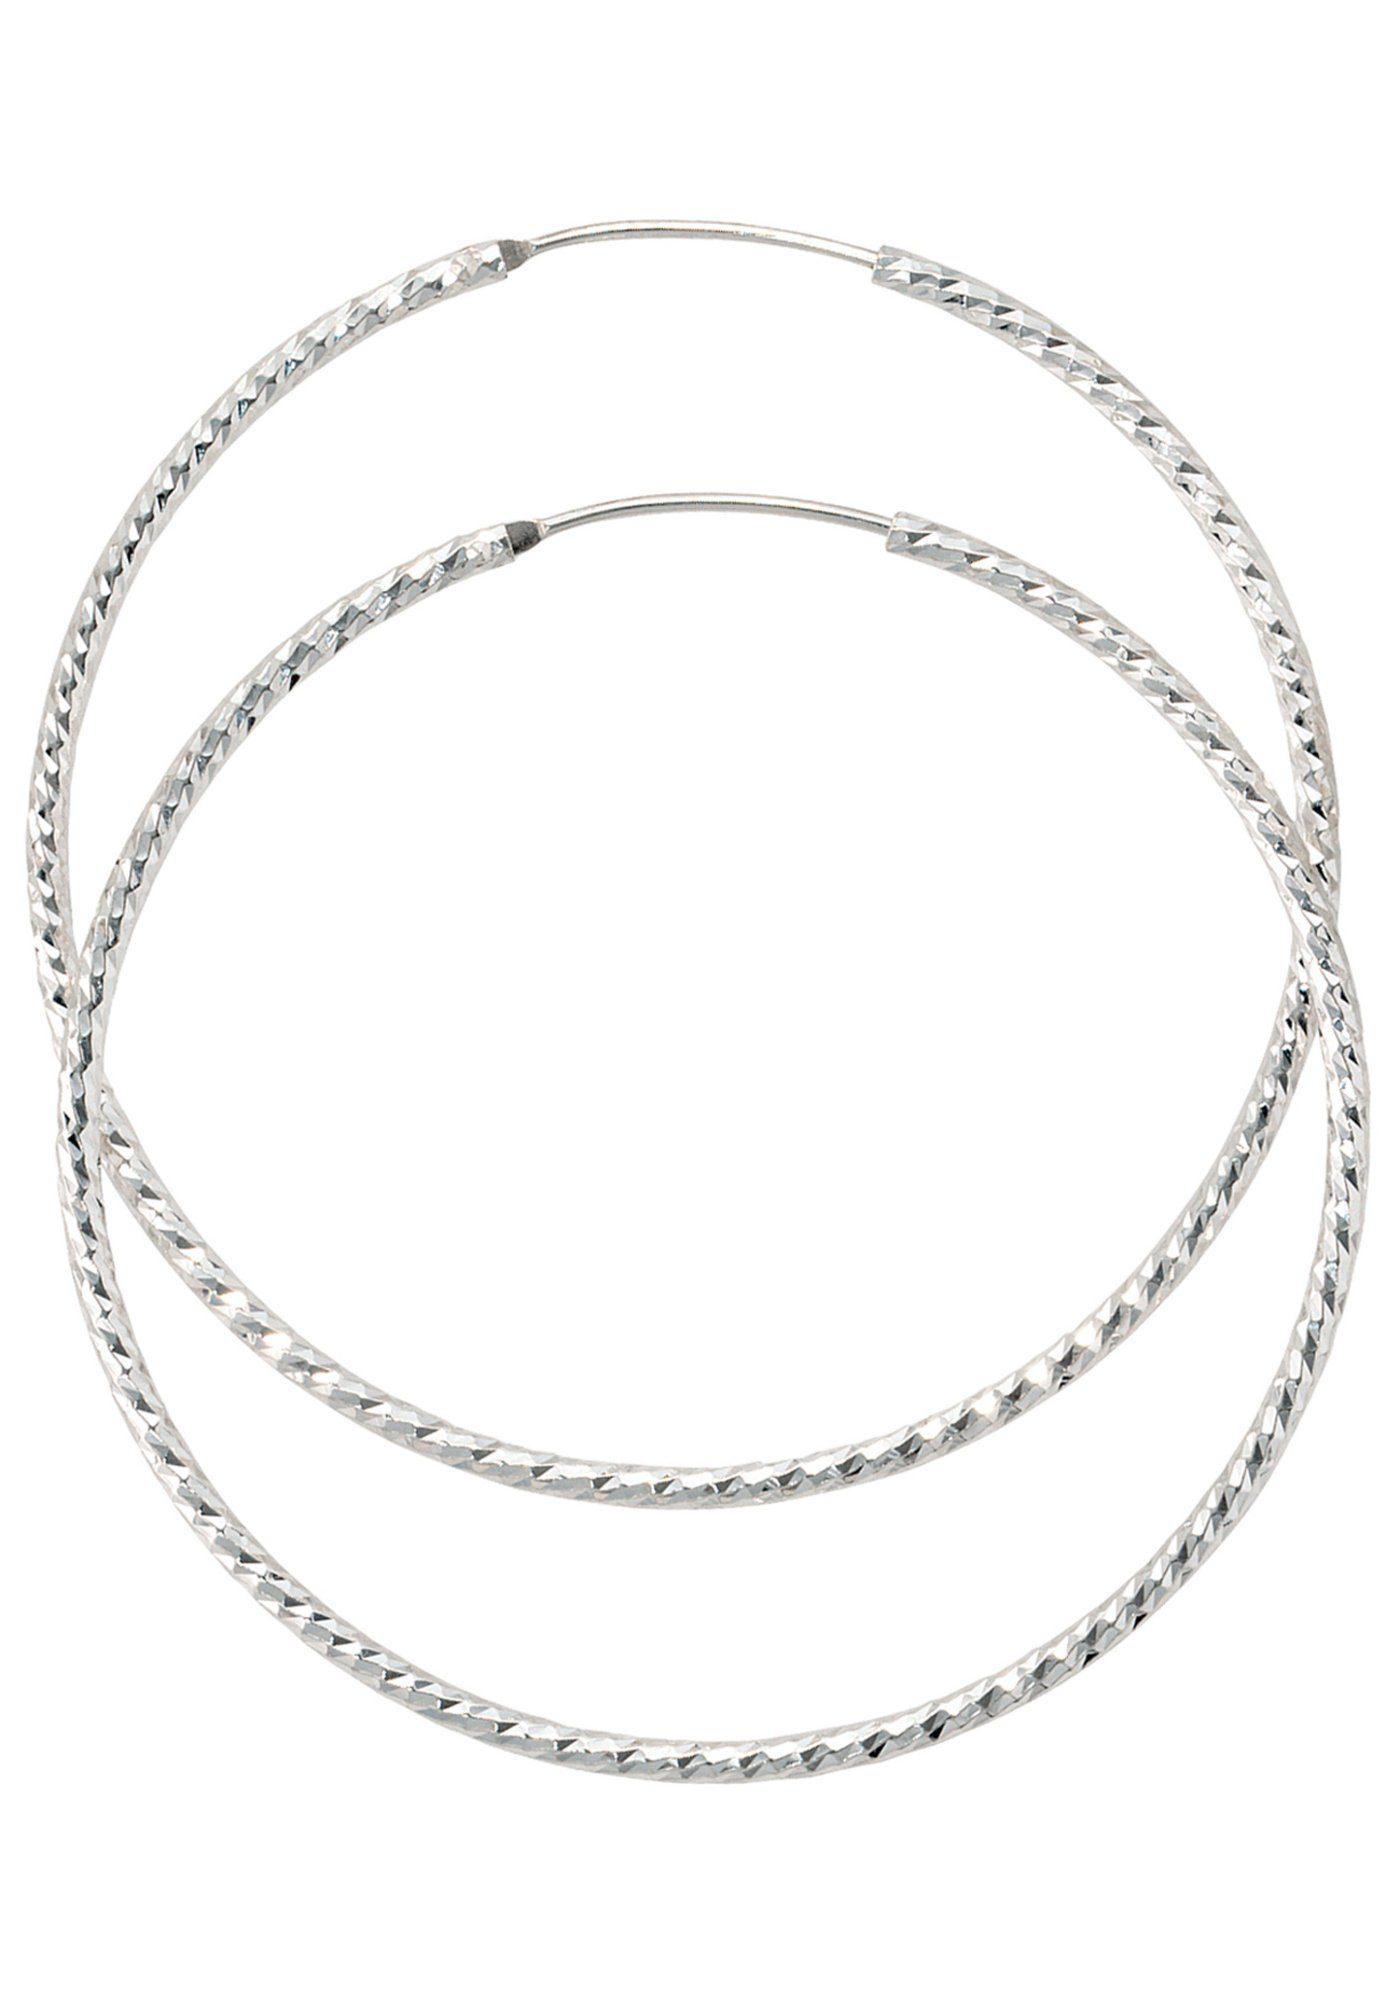 JOBO Paar Creolen rund 925 Silber diamantiert